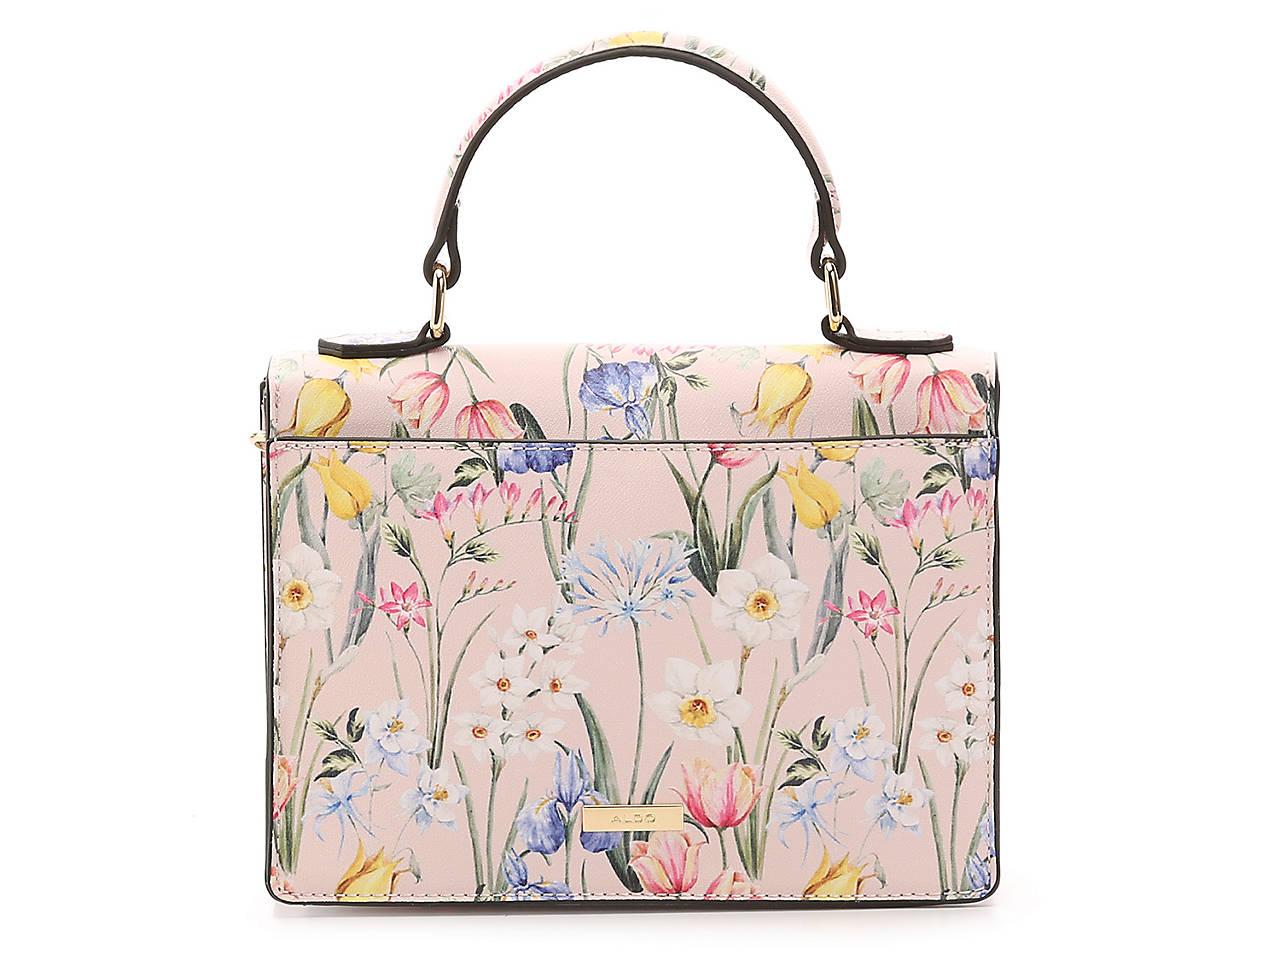 02320d6787f Aldo Cairn Butterfly Crossbody Bag Women s Handbags   Accessories